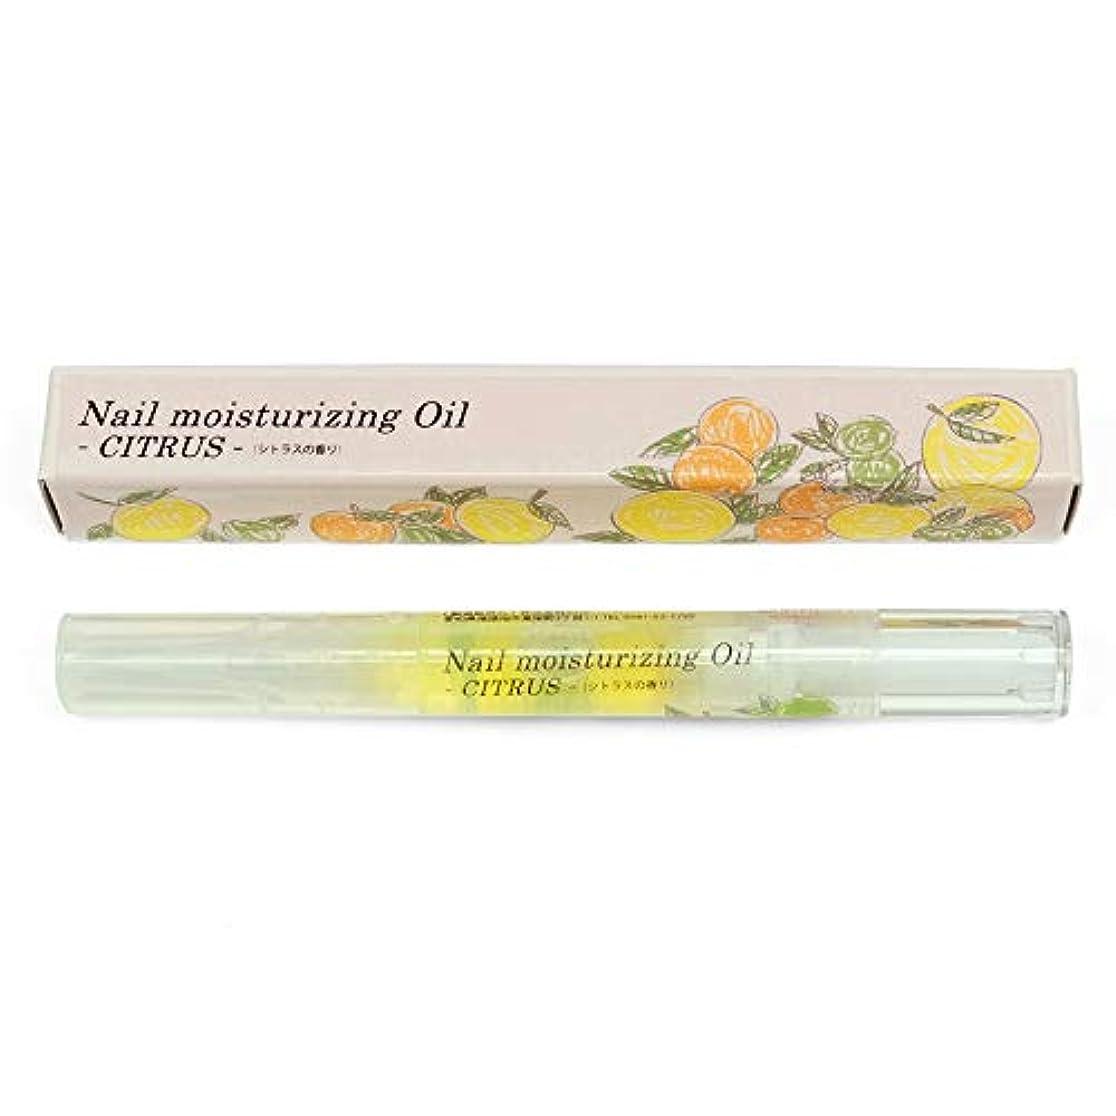 側コンプリート病気ease Nail moisturizing Oil ネイルオイルペン(シトラスの香り) 2ml